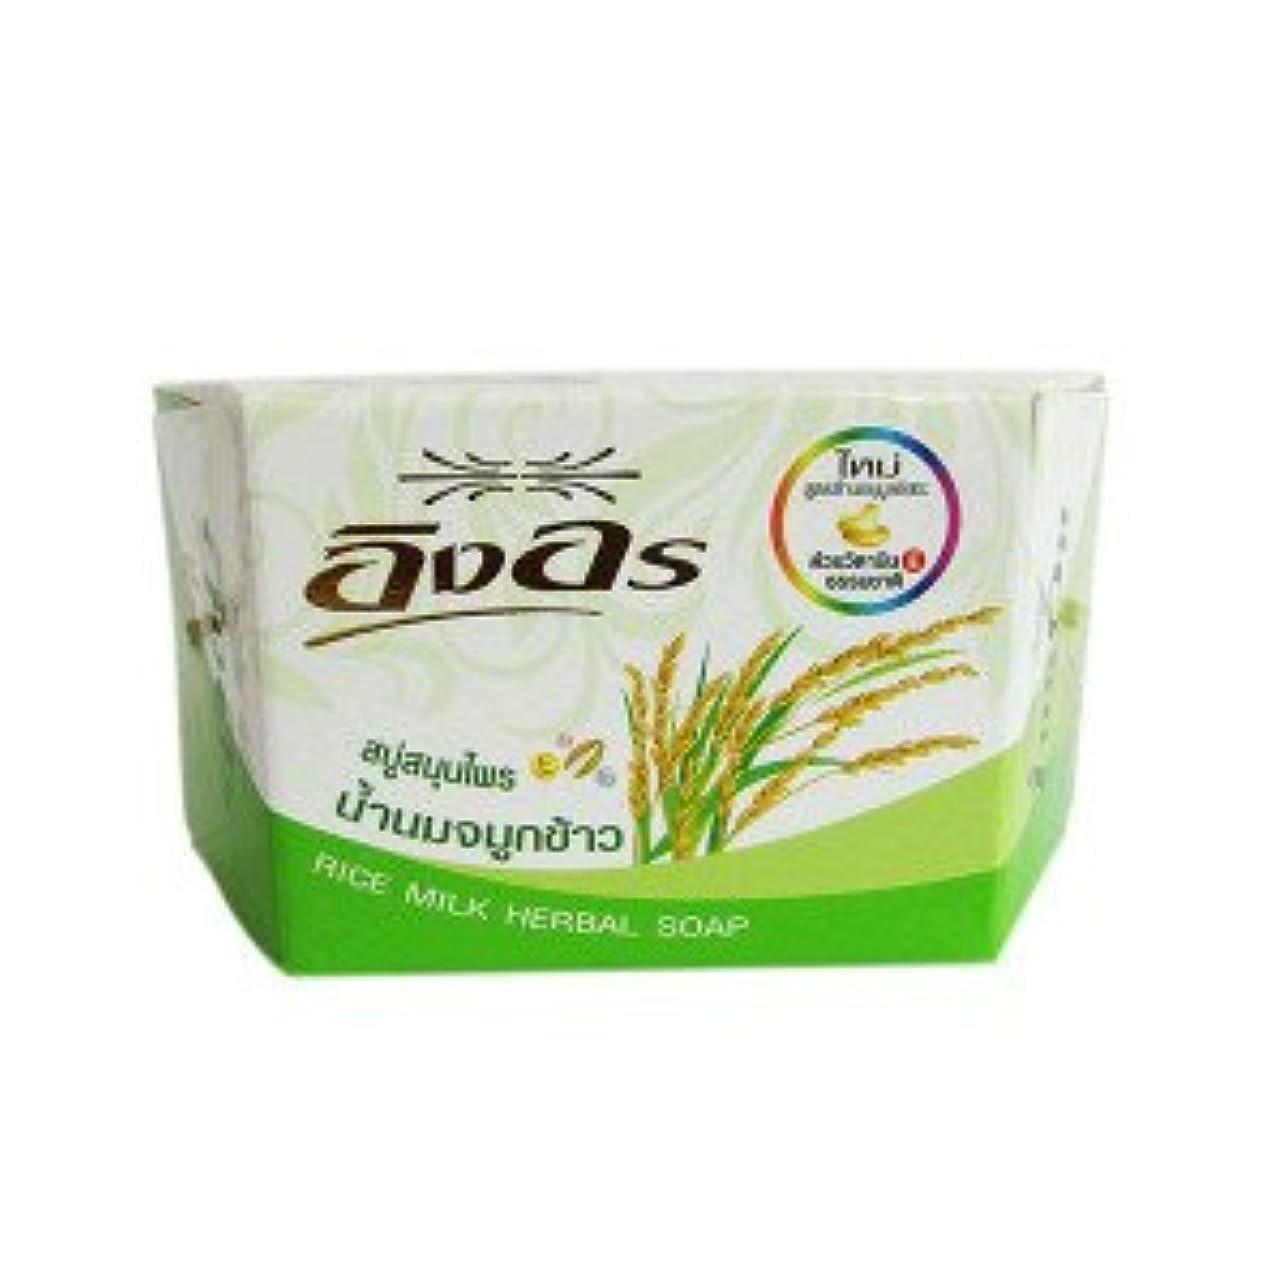 アーサーコナンドイル一致貞イングオン イングオンソープ ライスミルク 85g